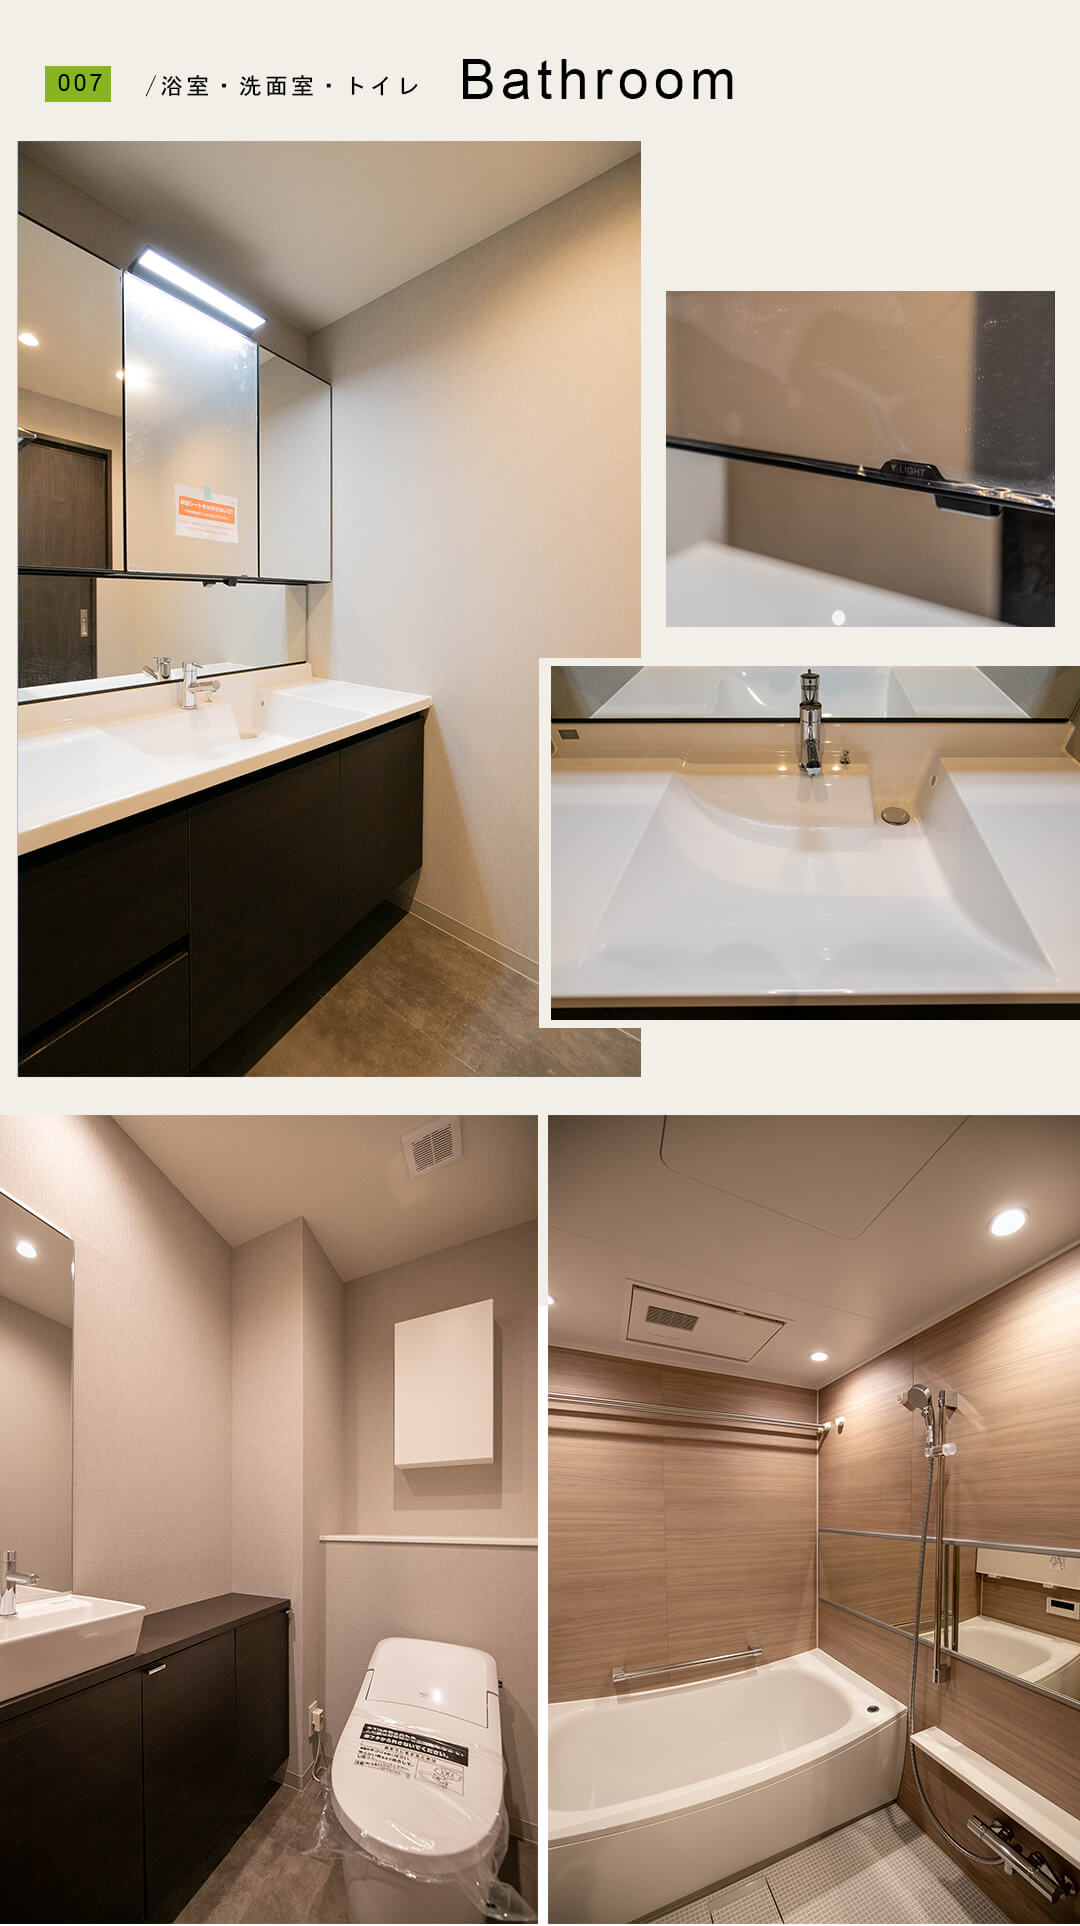 アス西早稲田南ウイングの浴室と洗面室とトイレ